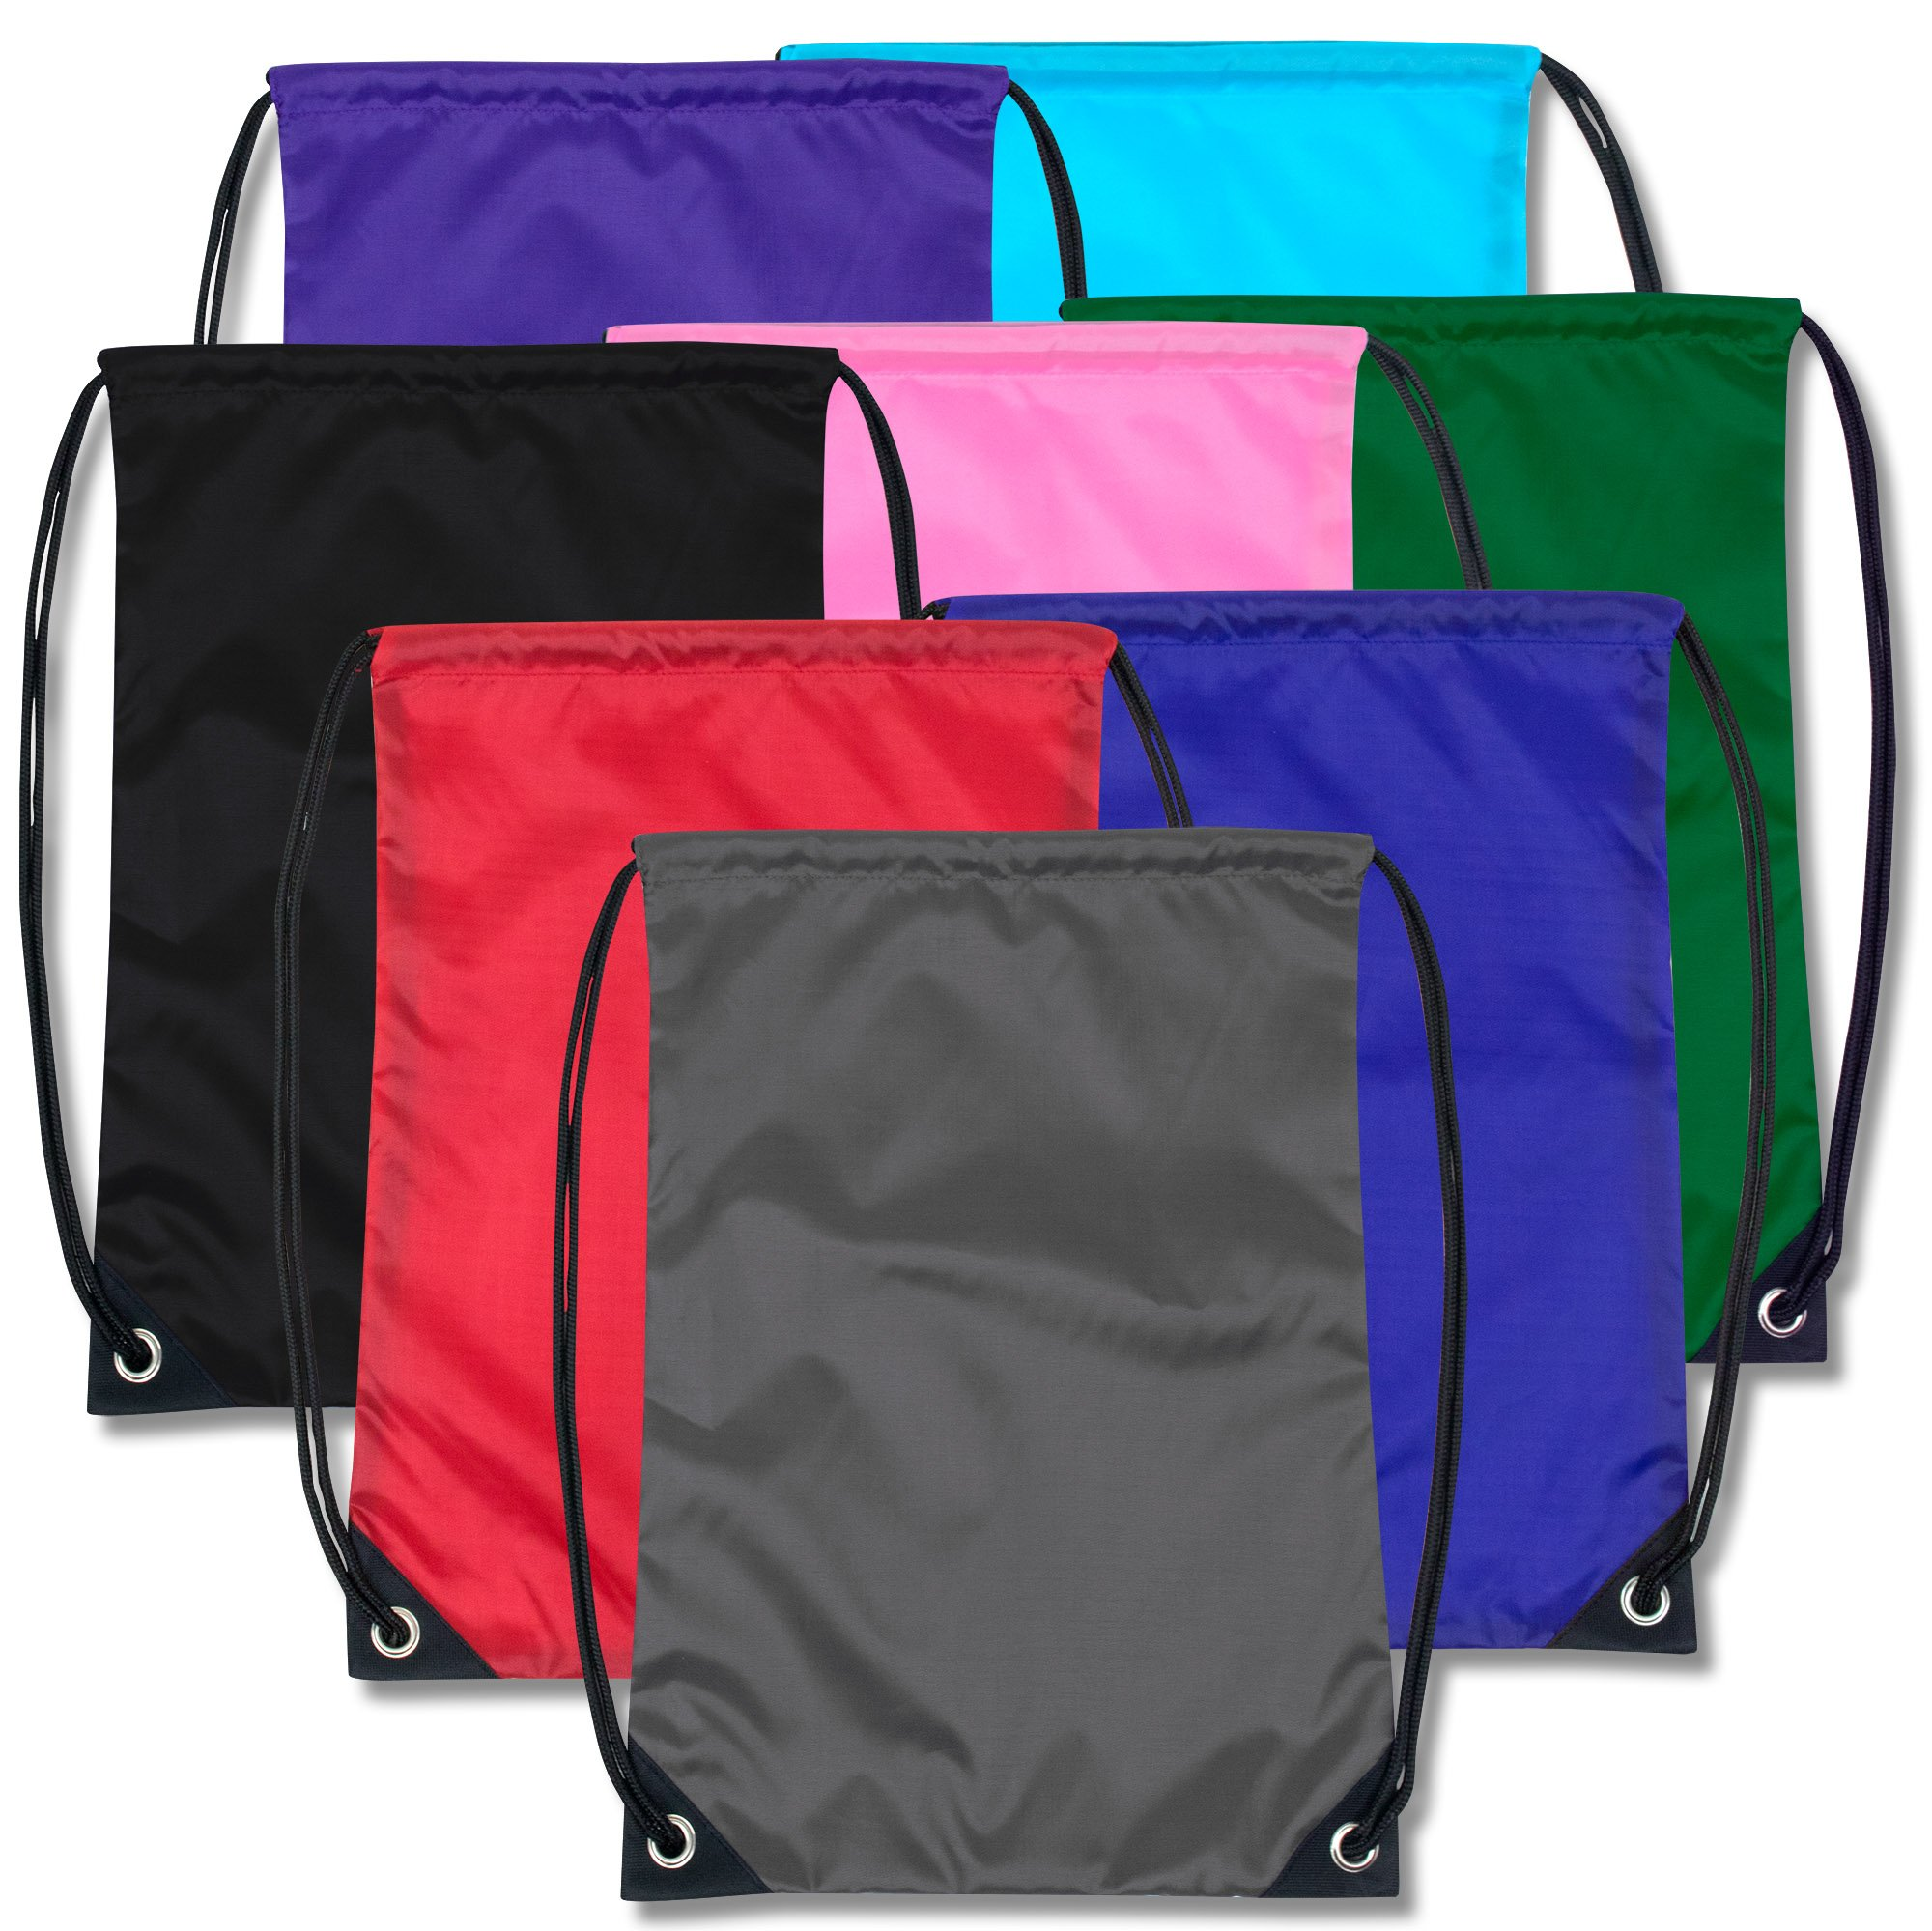 Drawstring Cinch Sack Bag Backpack Bulk Wholesale Case Pack Of 48